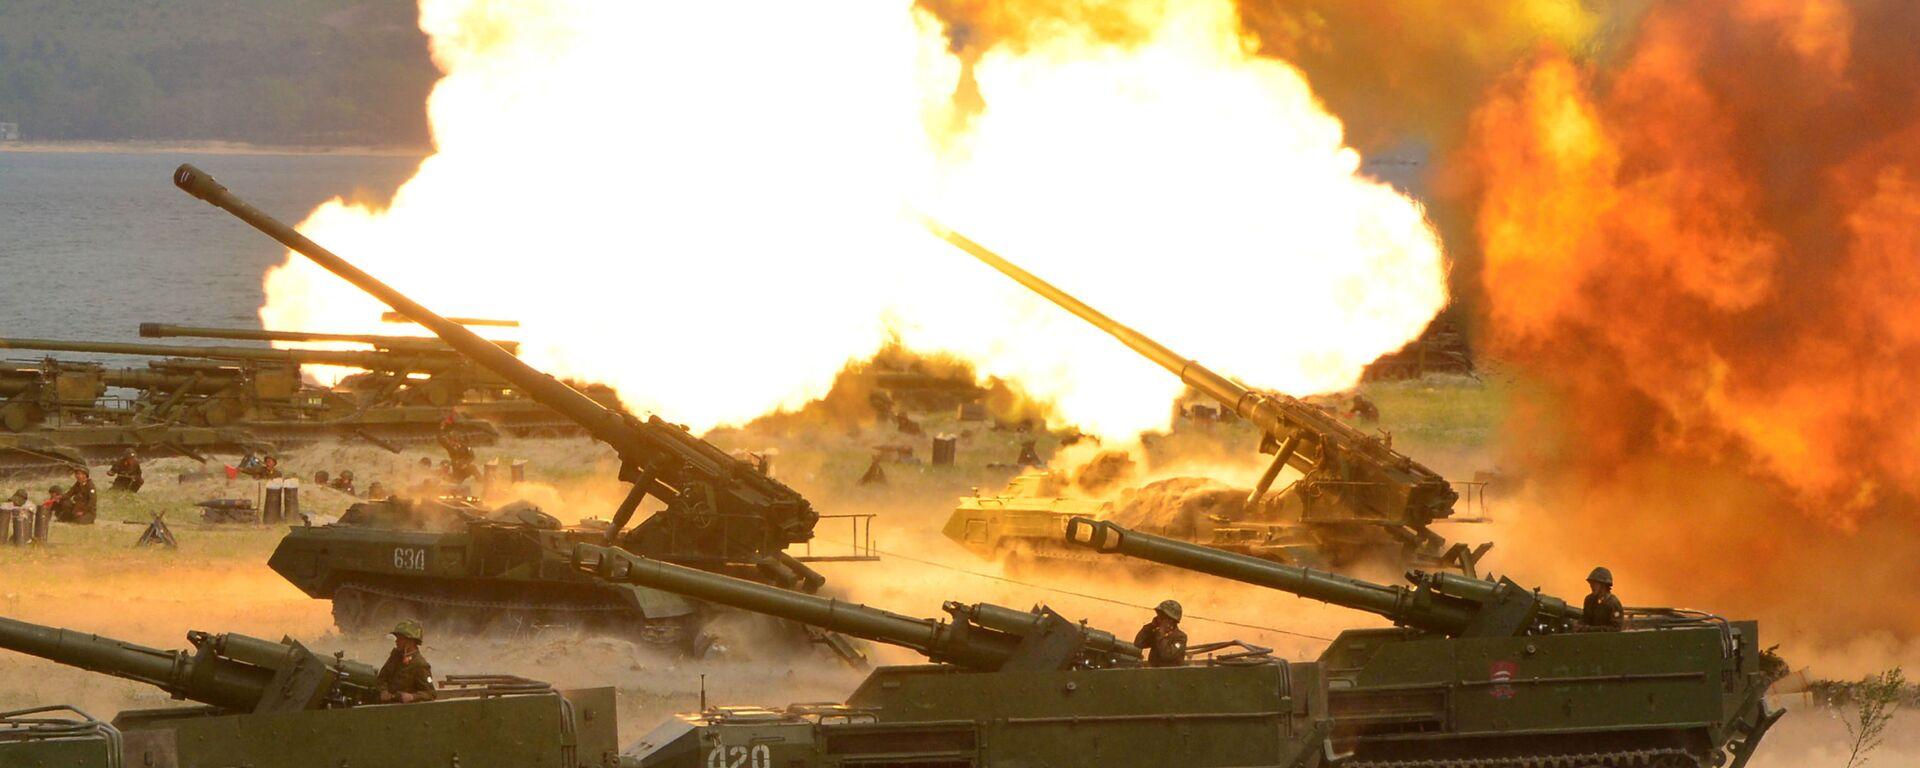 La artillería de Corea del Norte - Sputnik Mundo, 1920, 29.06.2021